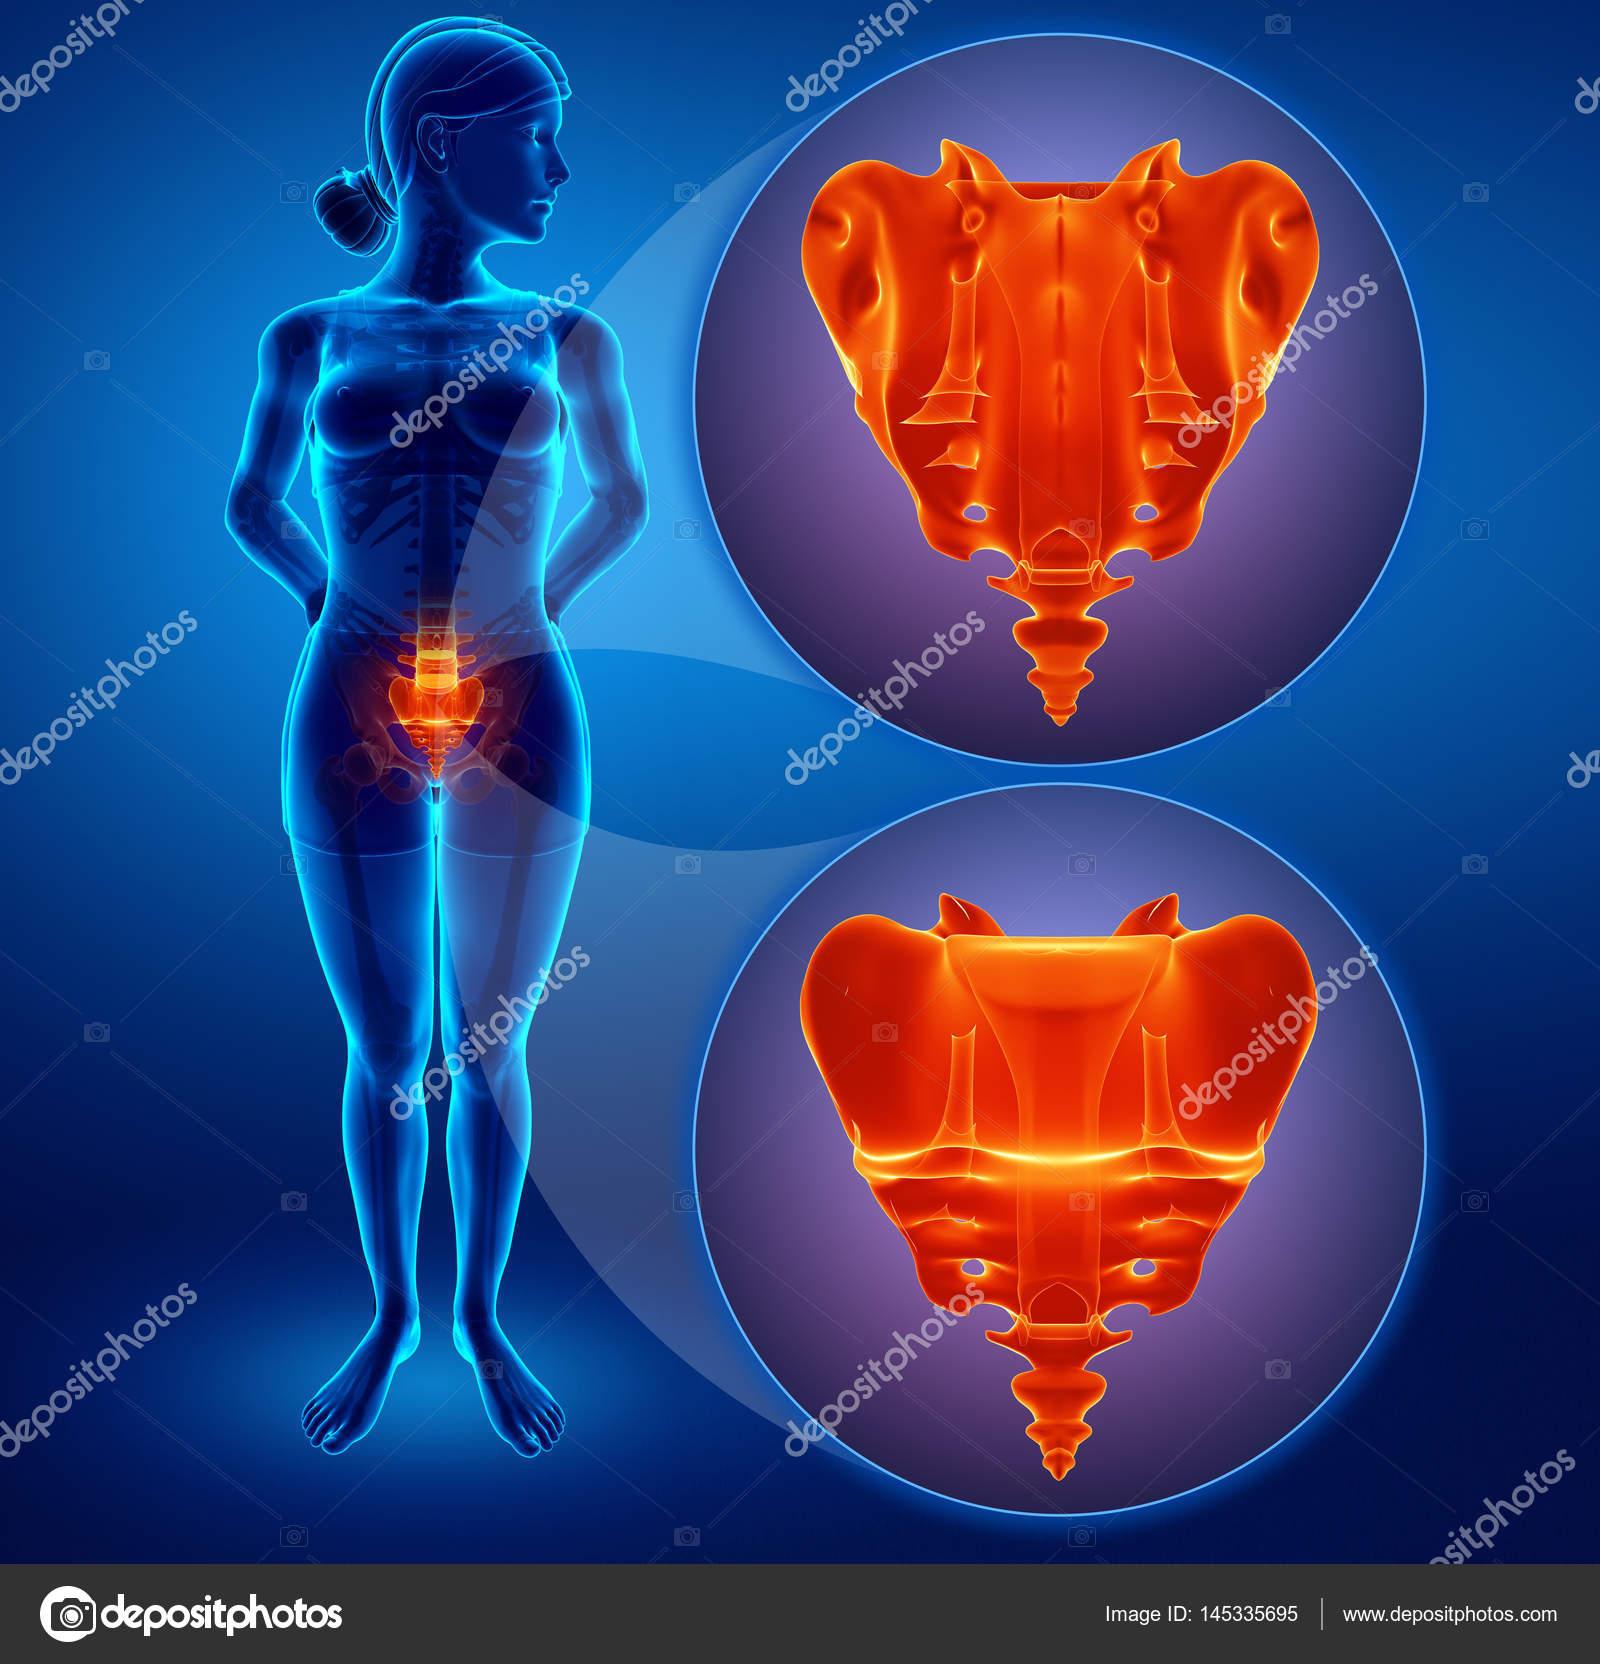 Ilustración 3D de dolor de hueso sacro — Fotos de Stock ...